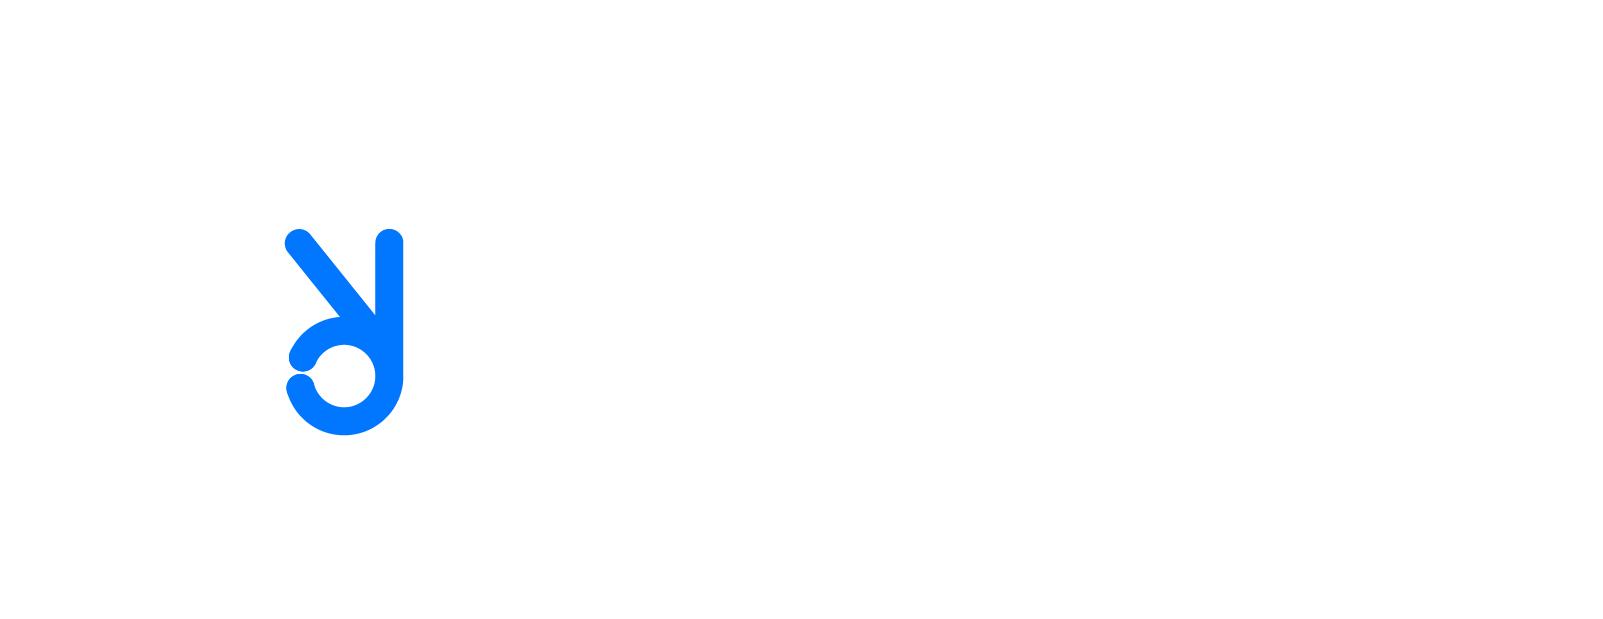 Ranky logo